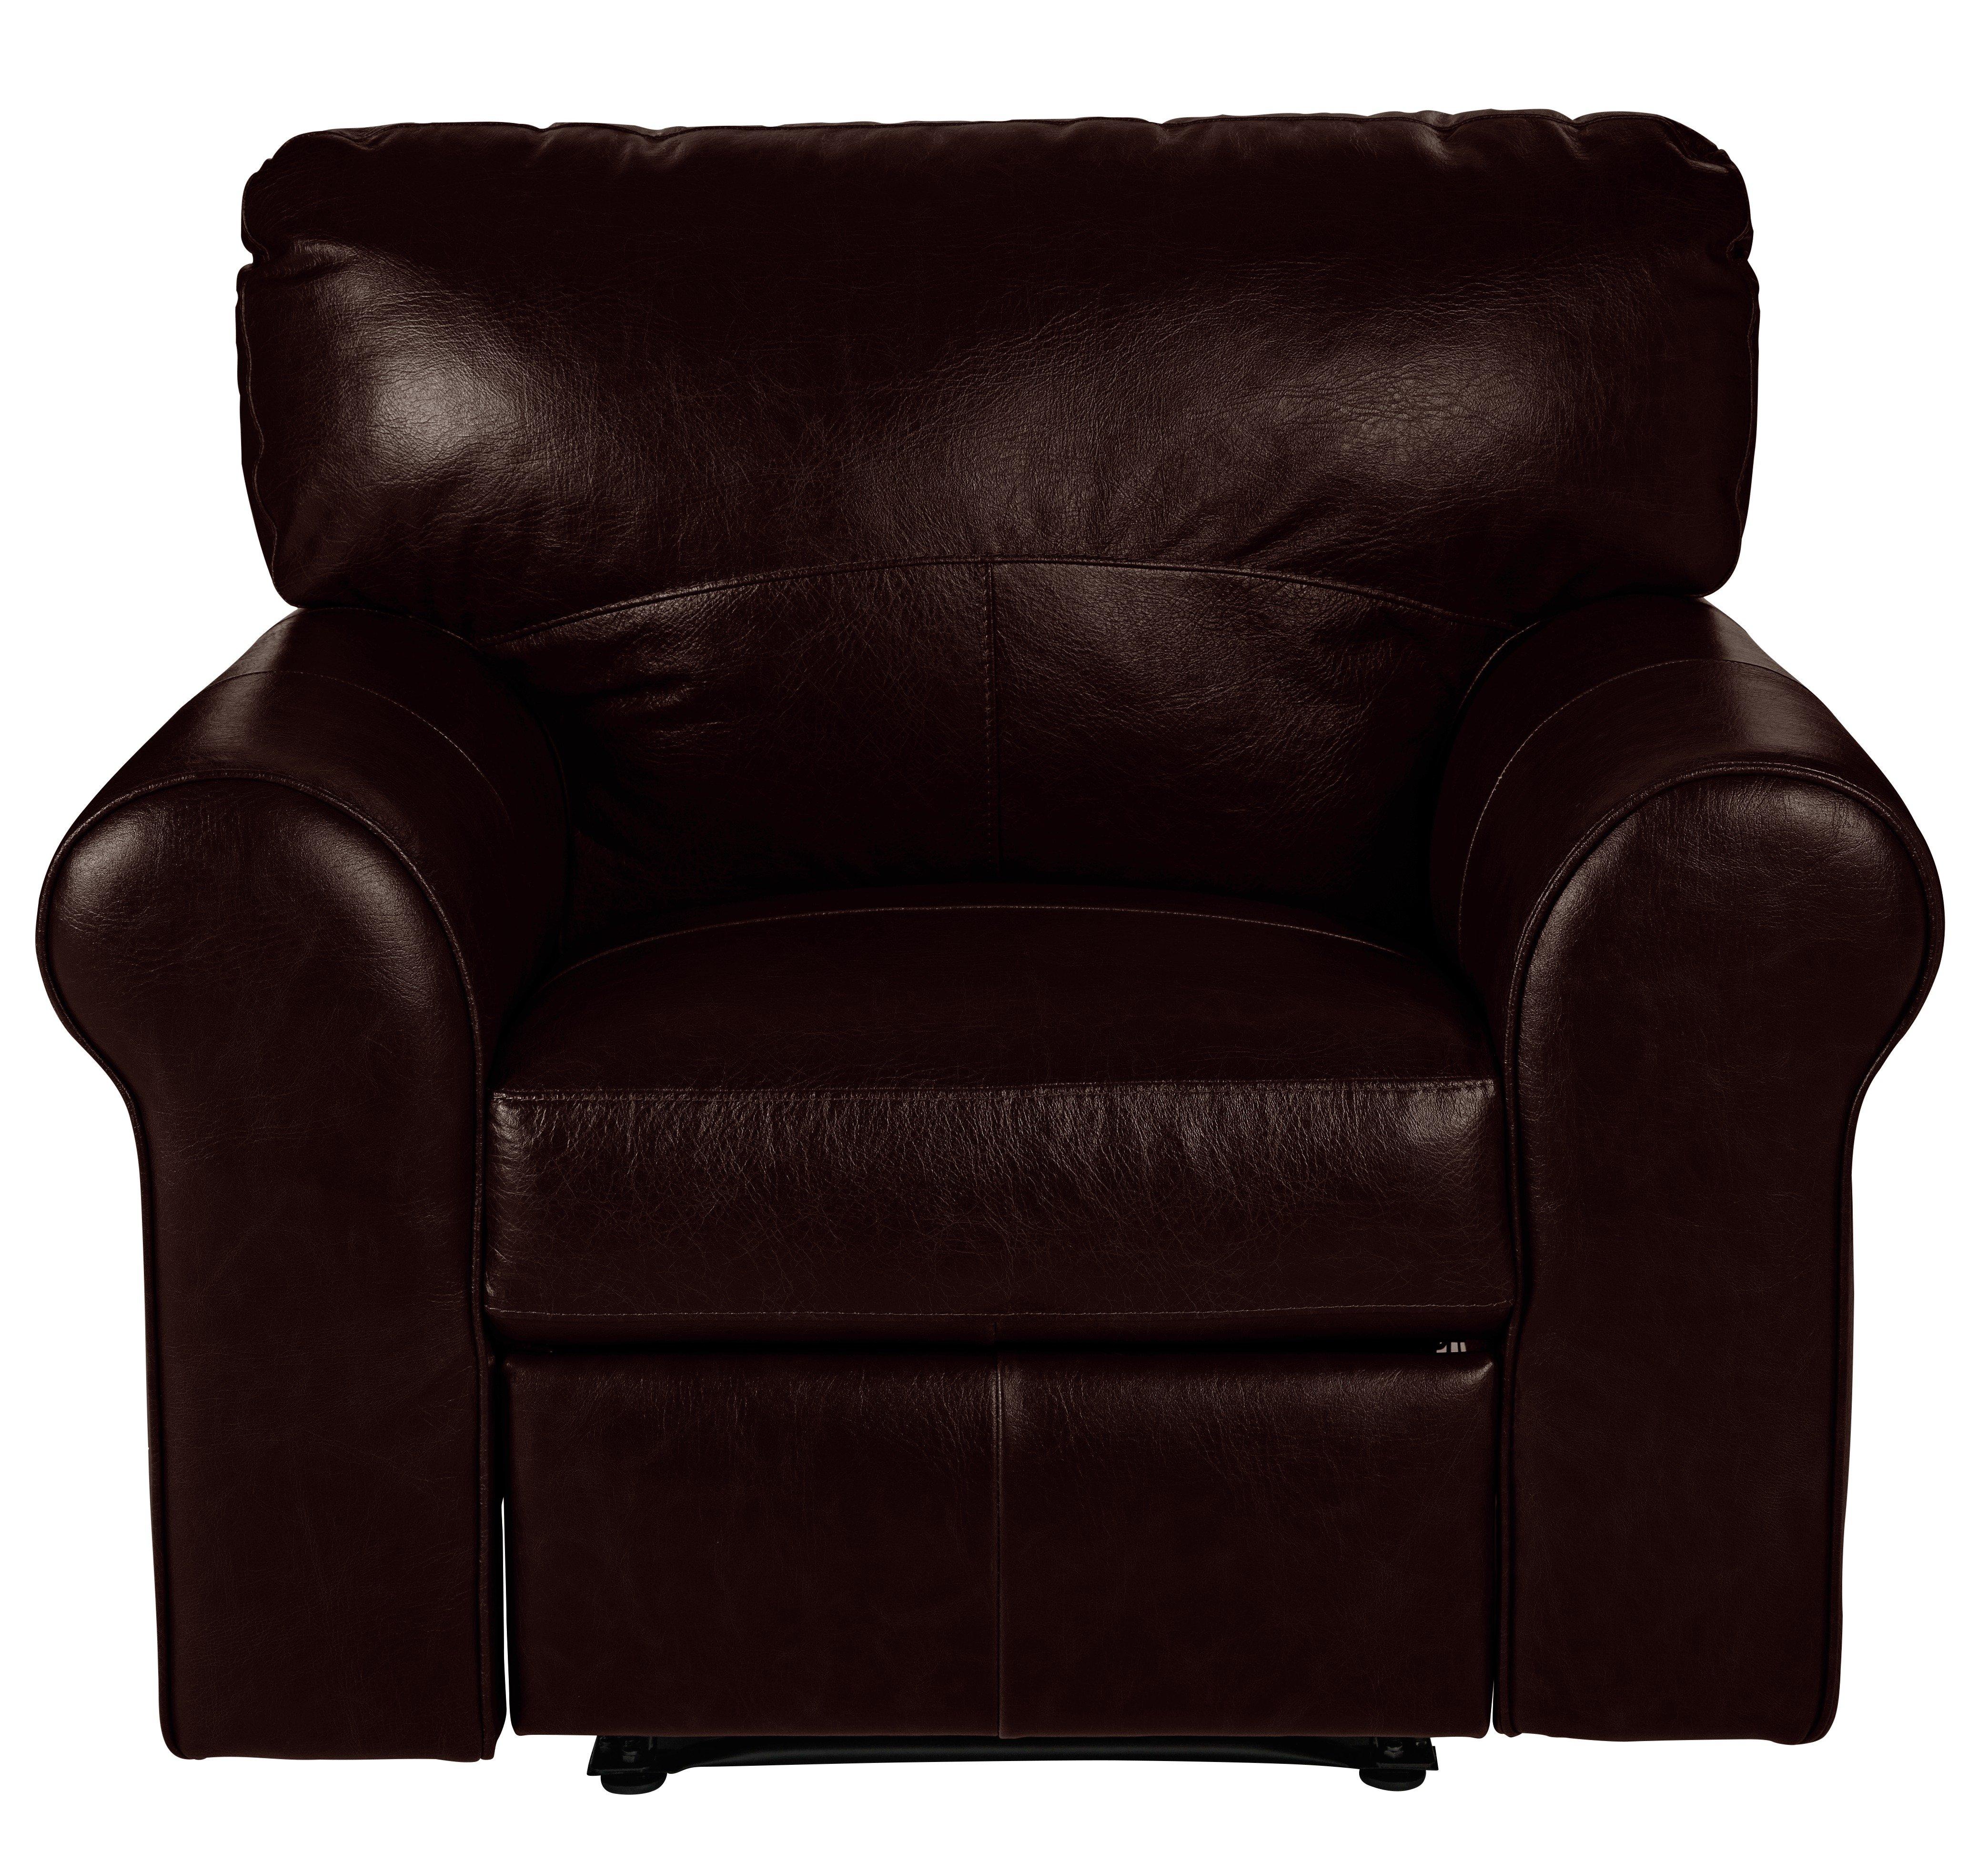 Argos Home Salisbury Leather Recliner Chair - Dark Brown